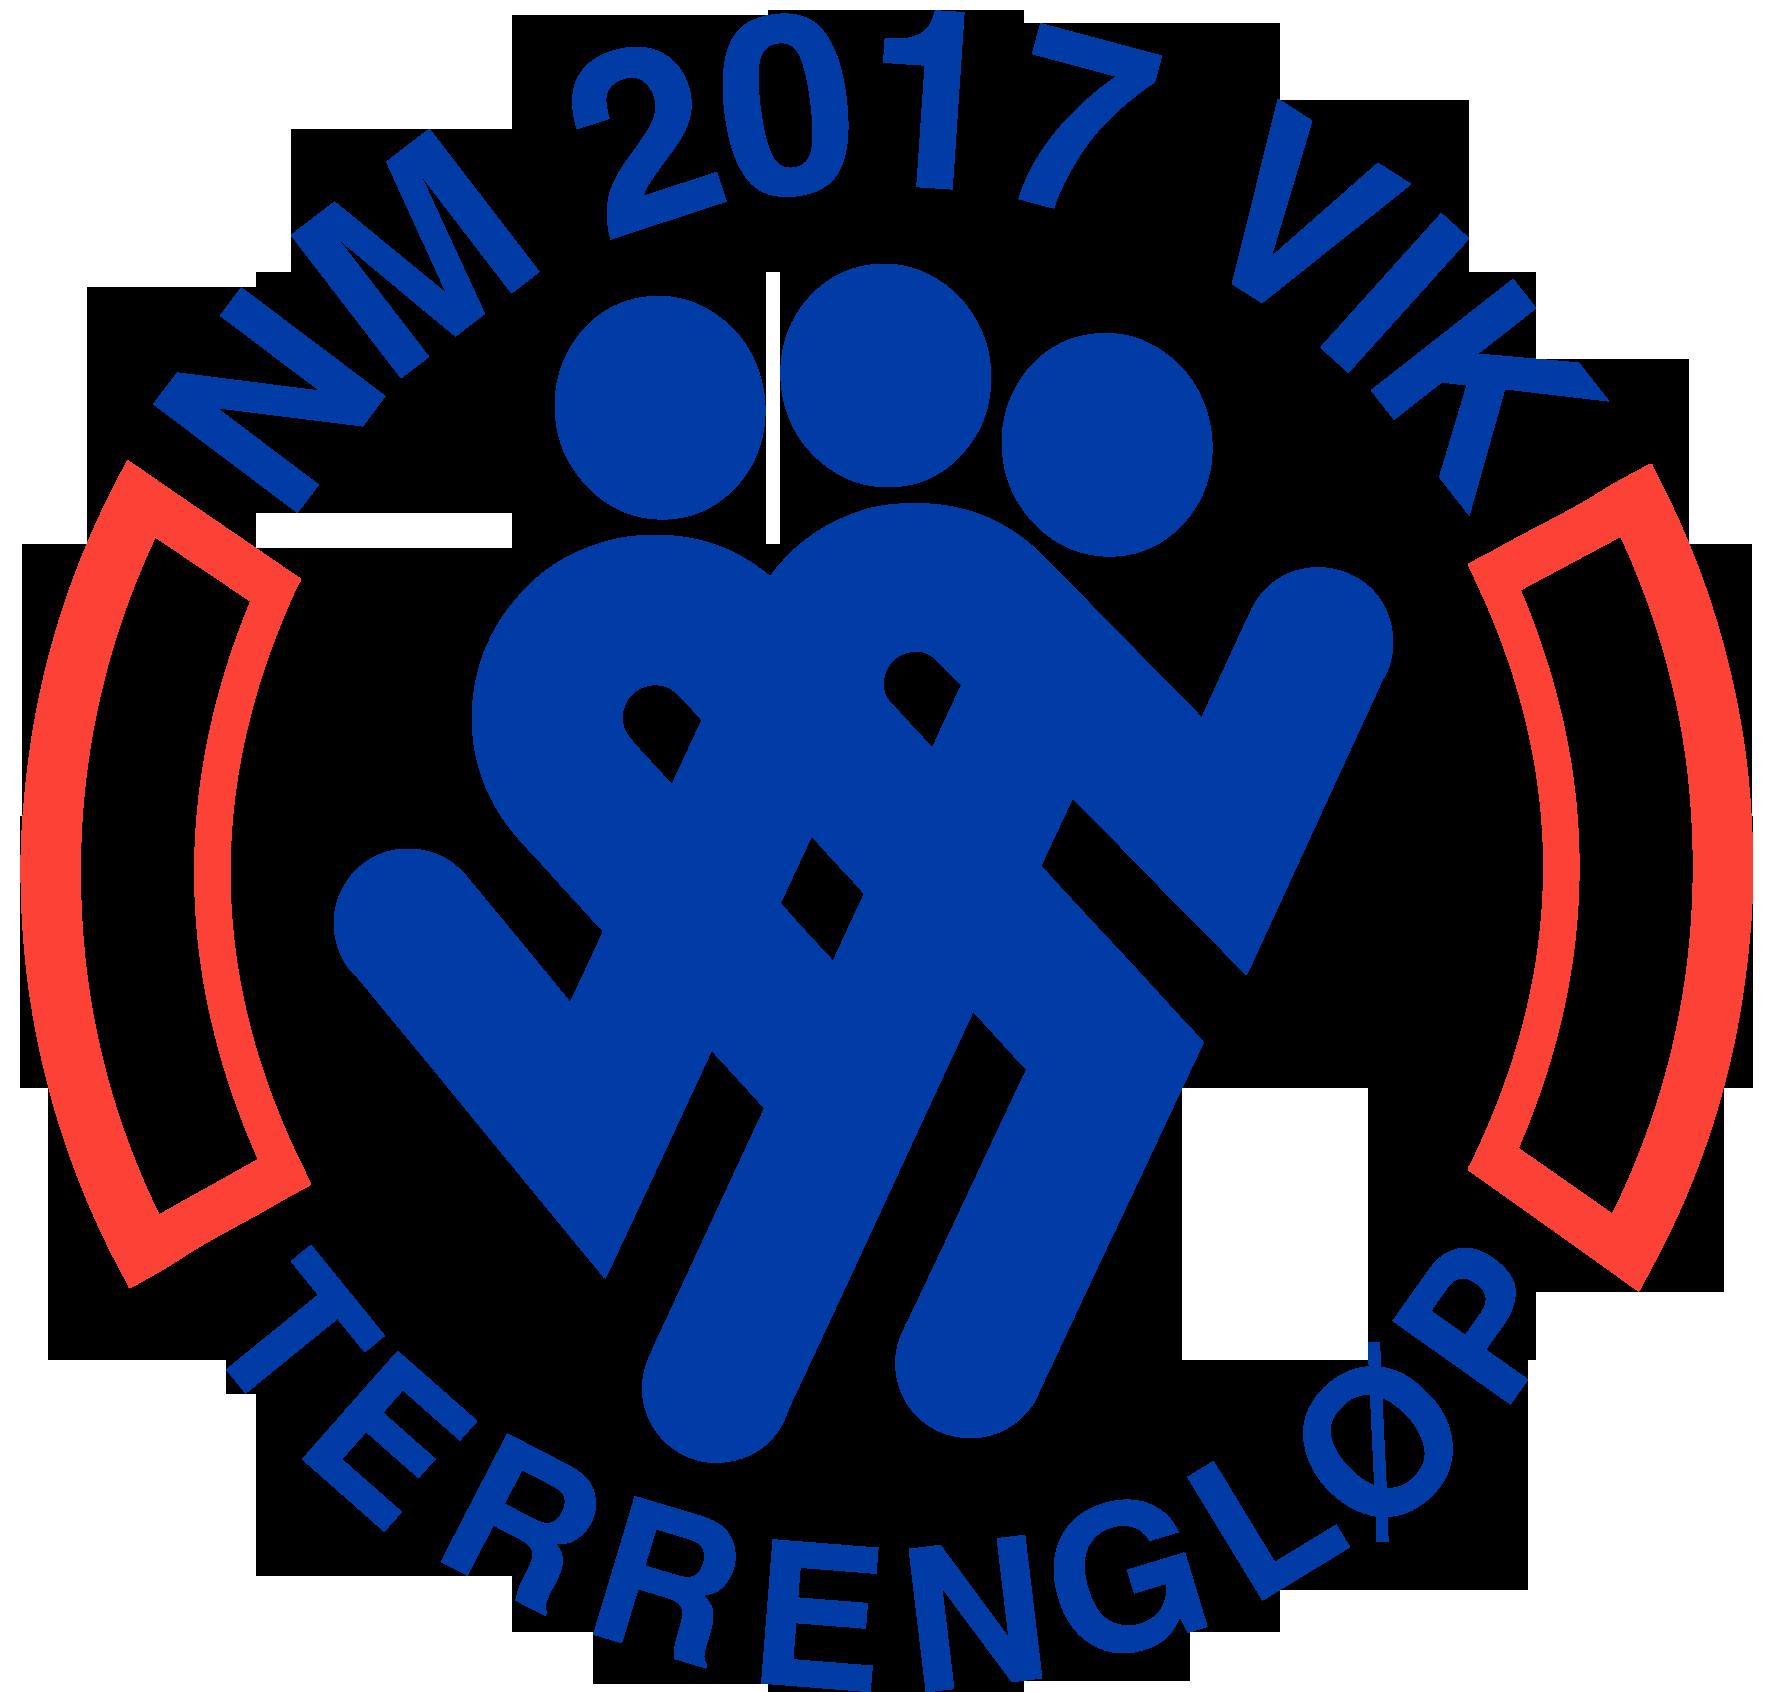 NM Terrengløp 2017 i Vik